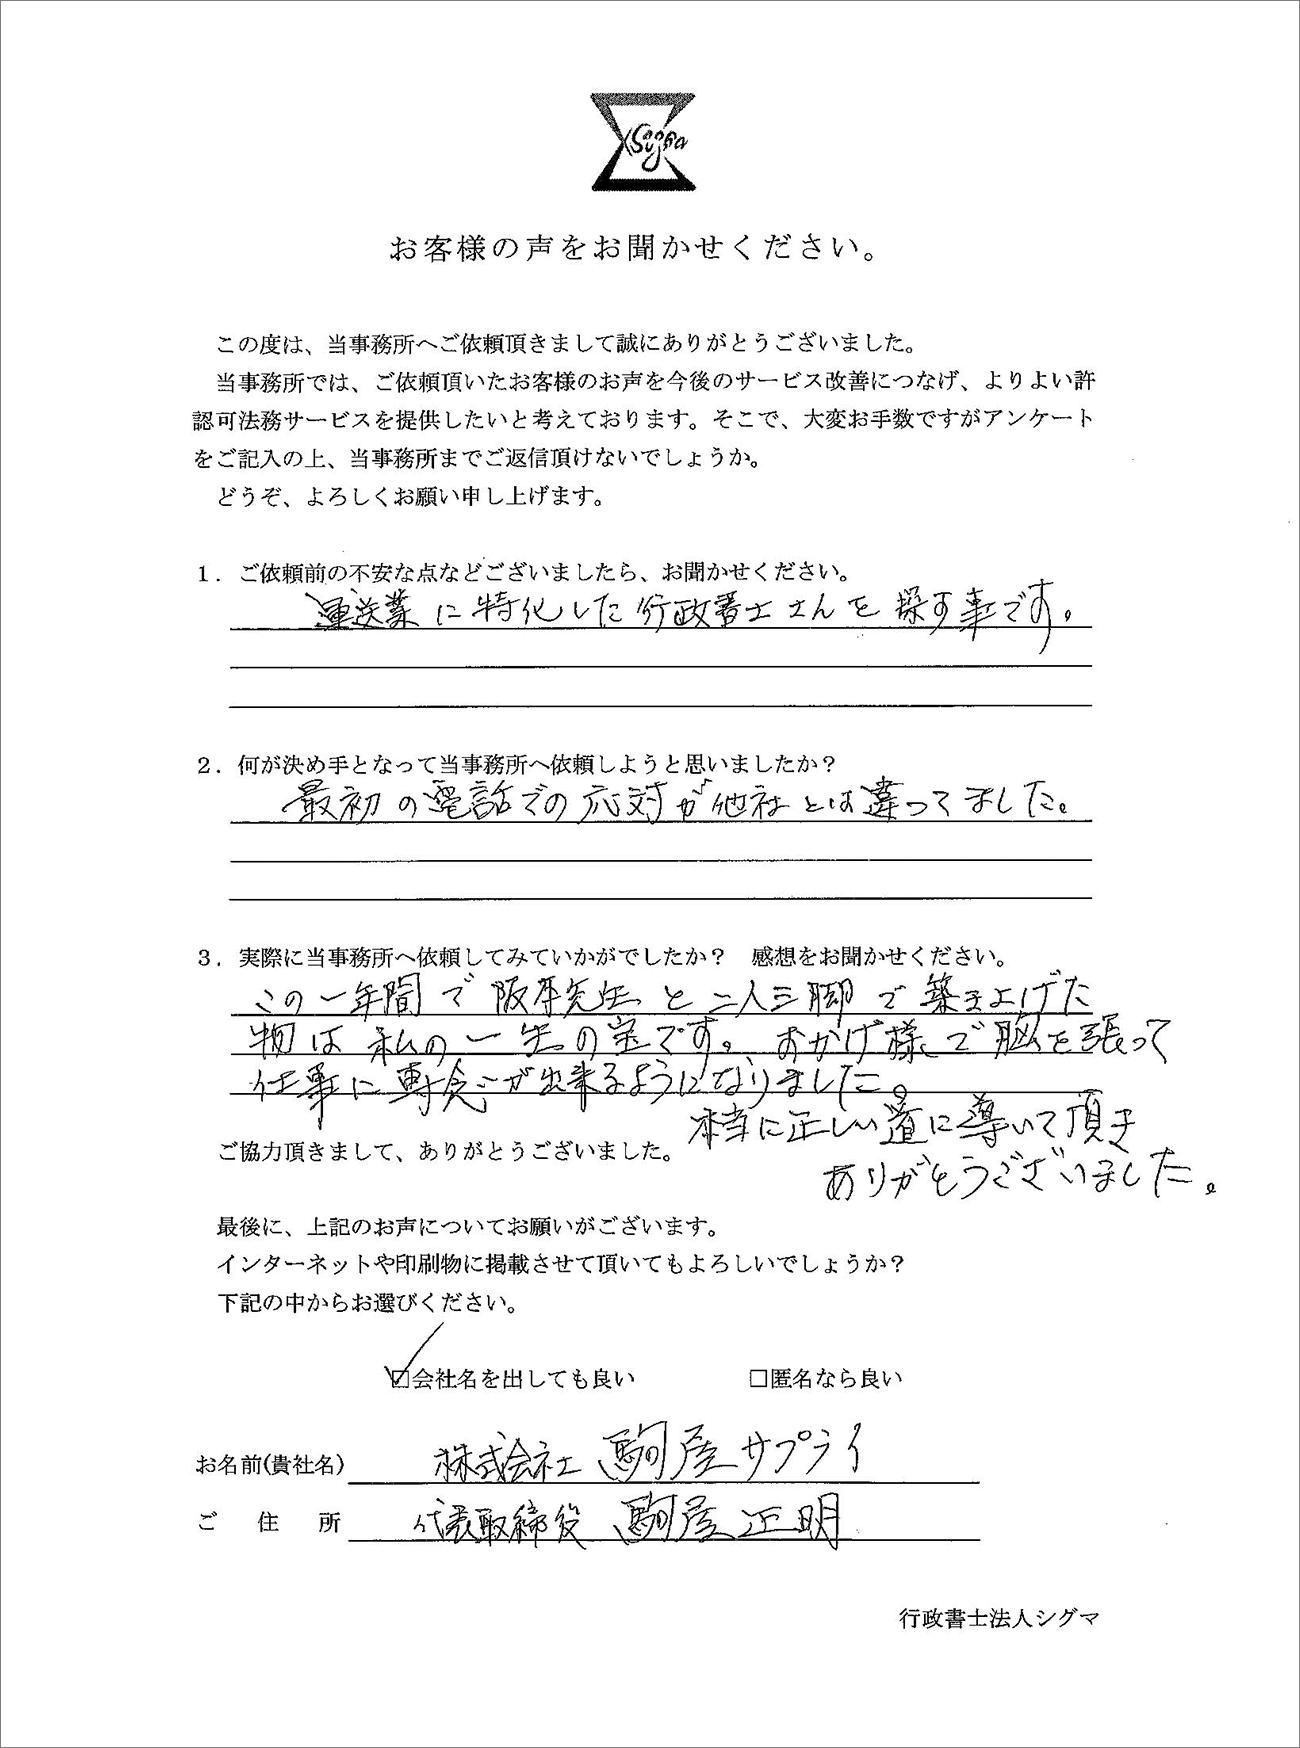 株式会社駒屋サプライ様